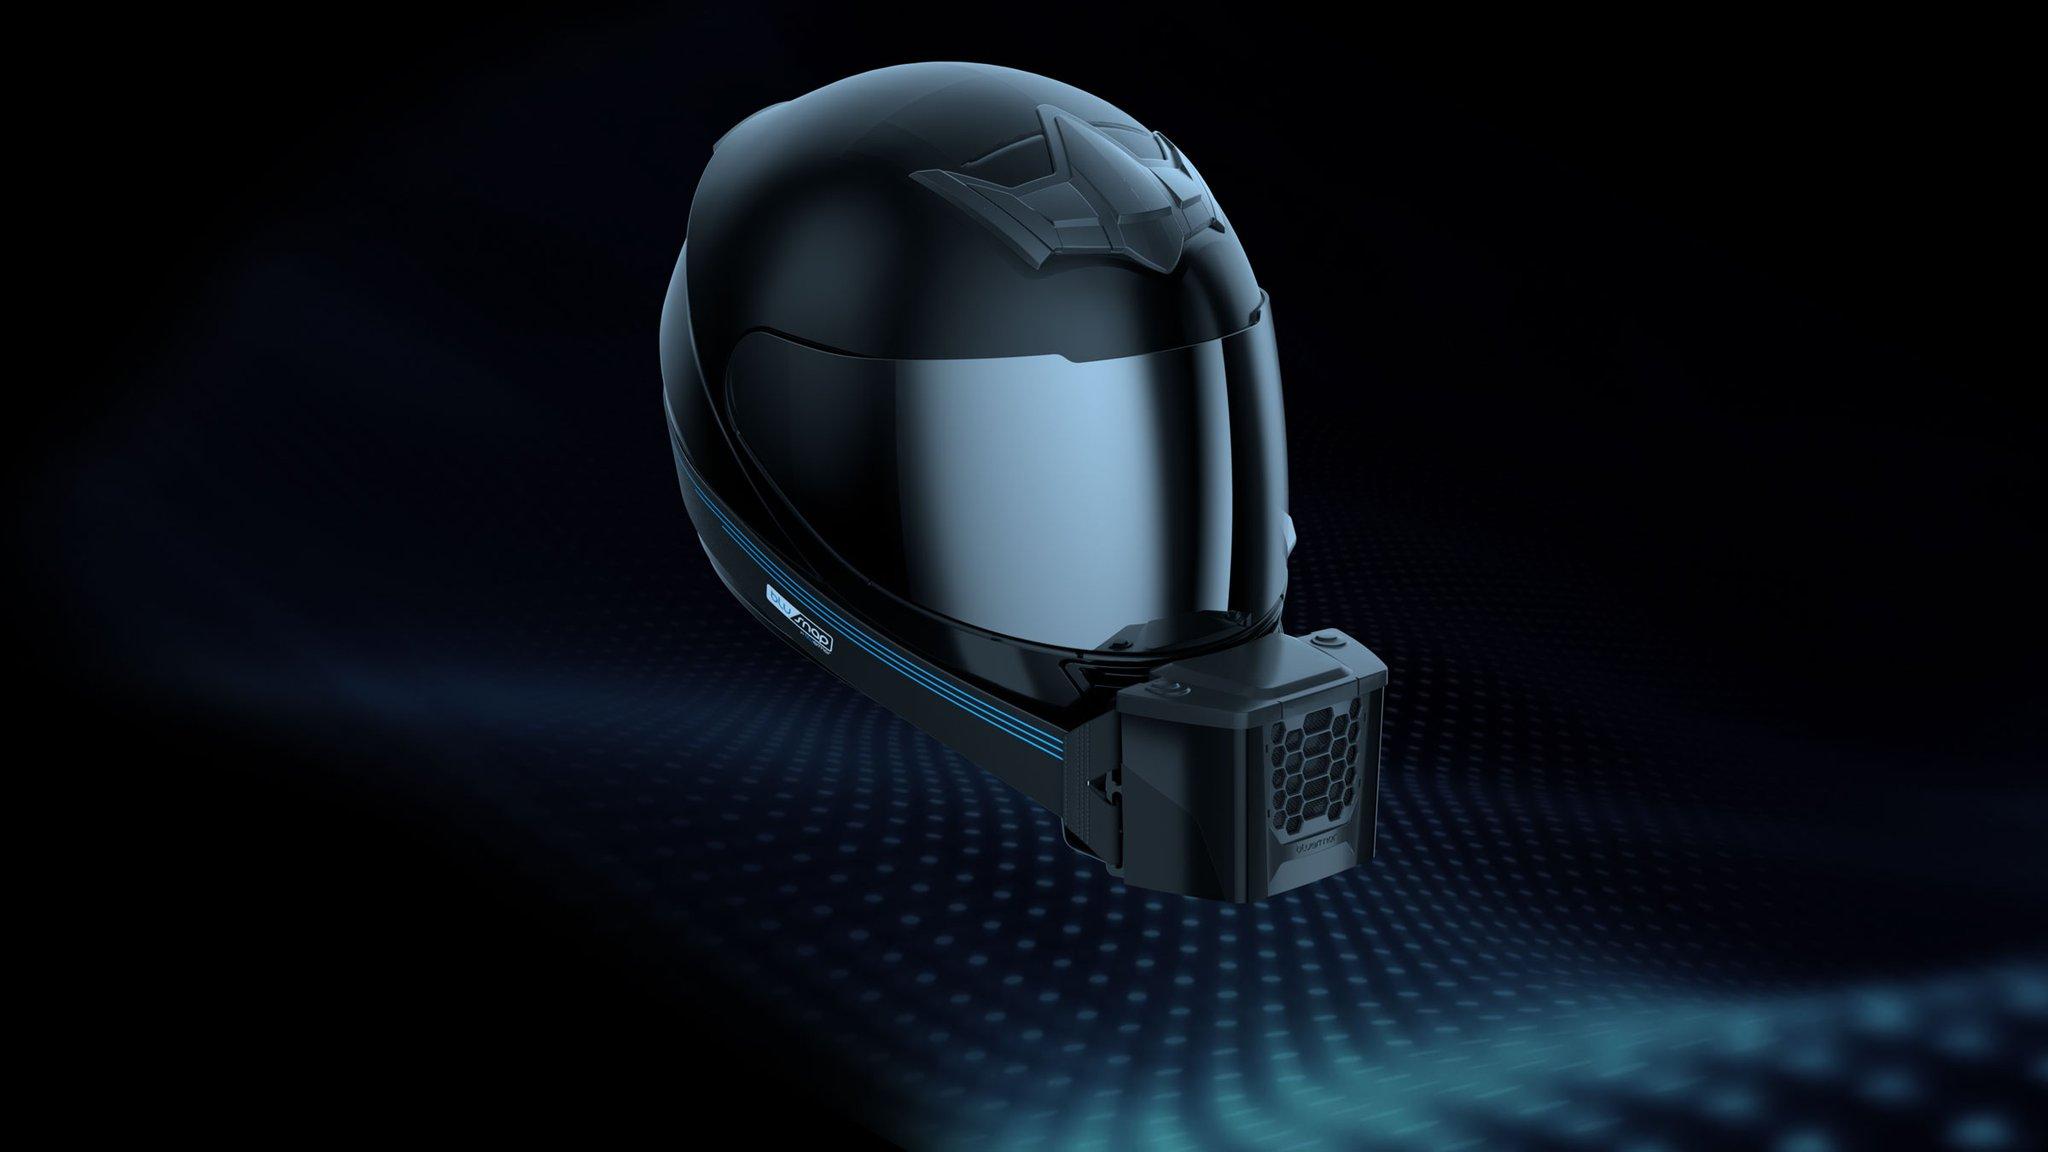 Cùng tìm hiểu về Blusnap: điều hòa nhiệt độ cho mũ bảo hiểm của bạn